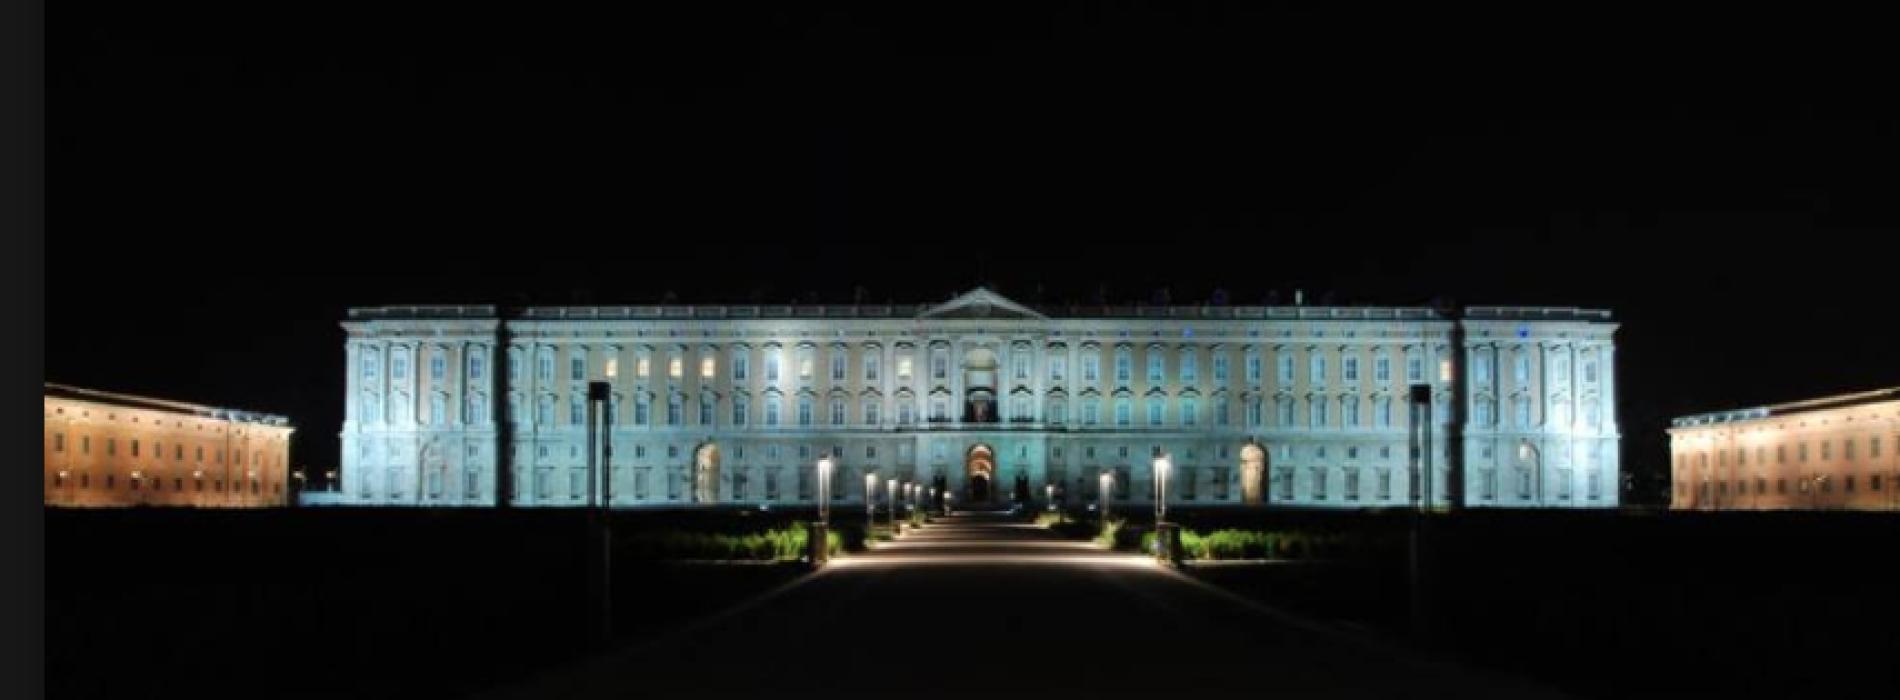 Notte Europea dei Musei, la Reggia di Caserta è stella polare